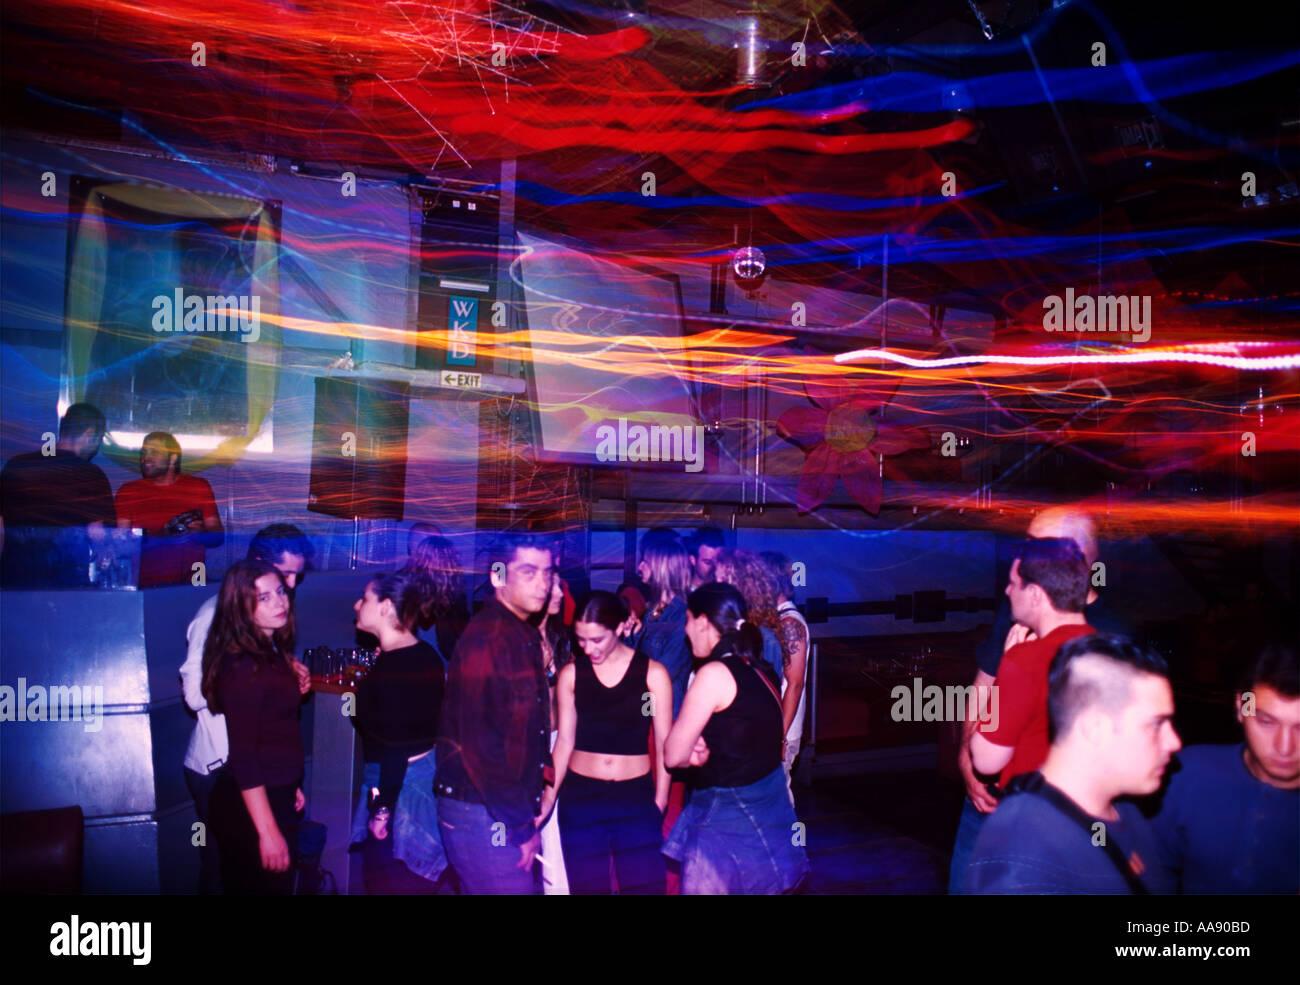 Athen Griechenland Discoteca Discothek Plussoda Immagini Stock